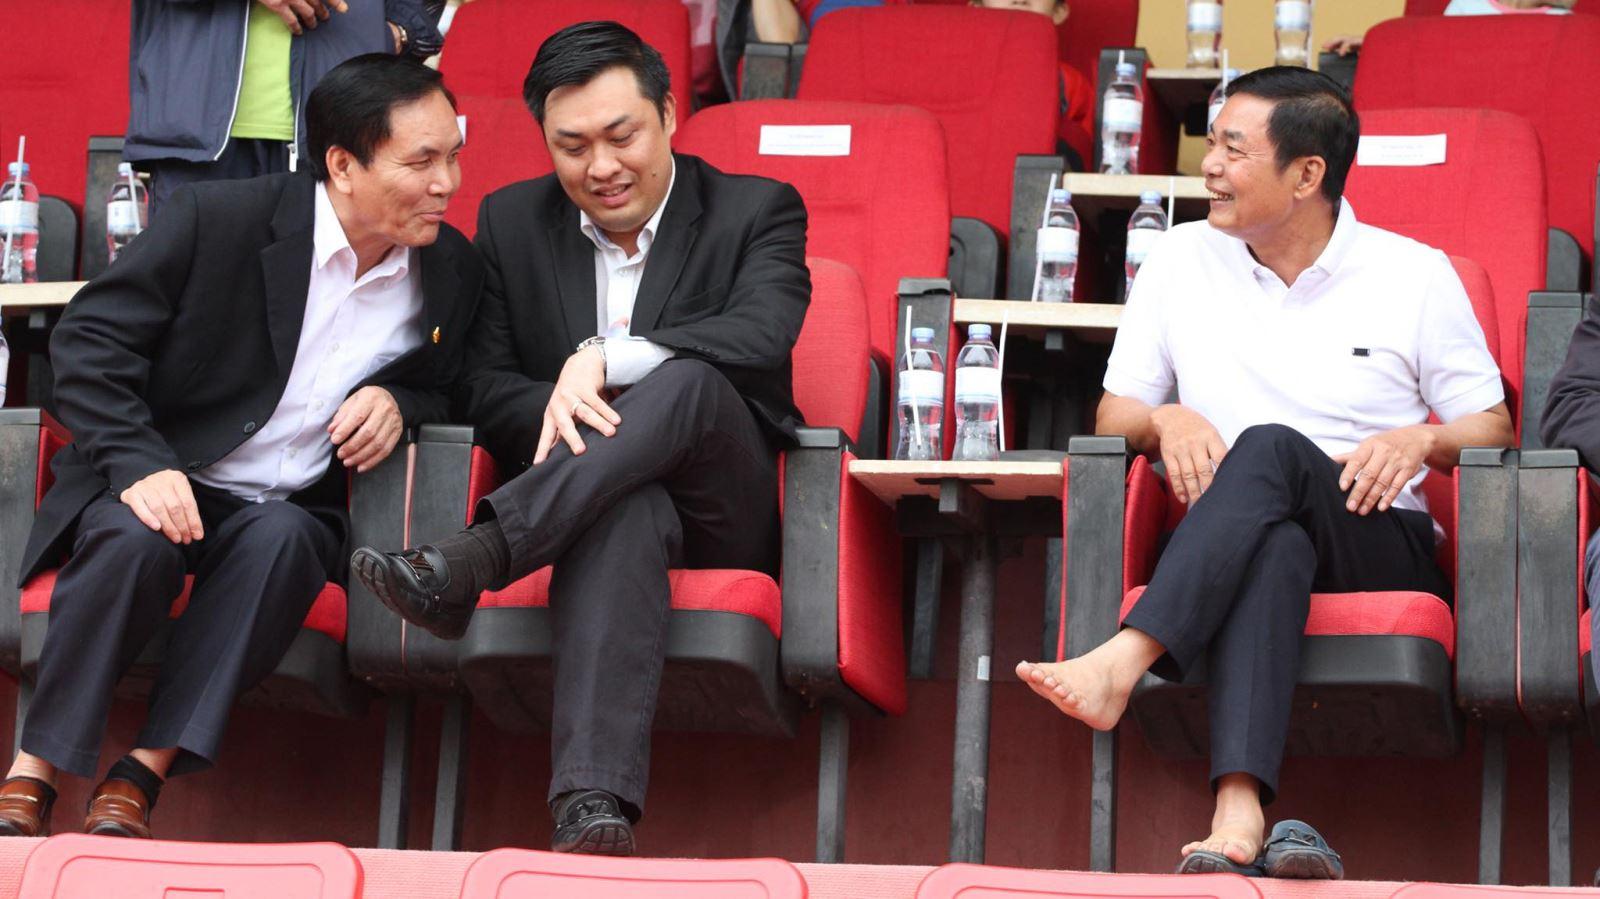 VFF cần lên tiếng về trường hợp Phó Chủ tịch Cấn Văn Nghĩa